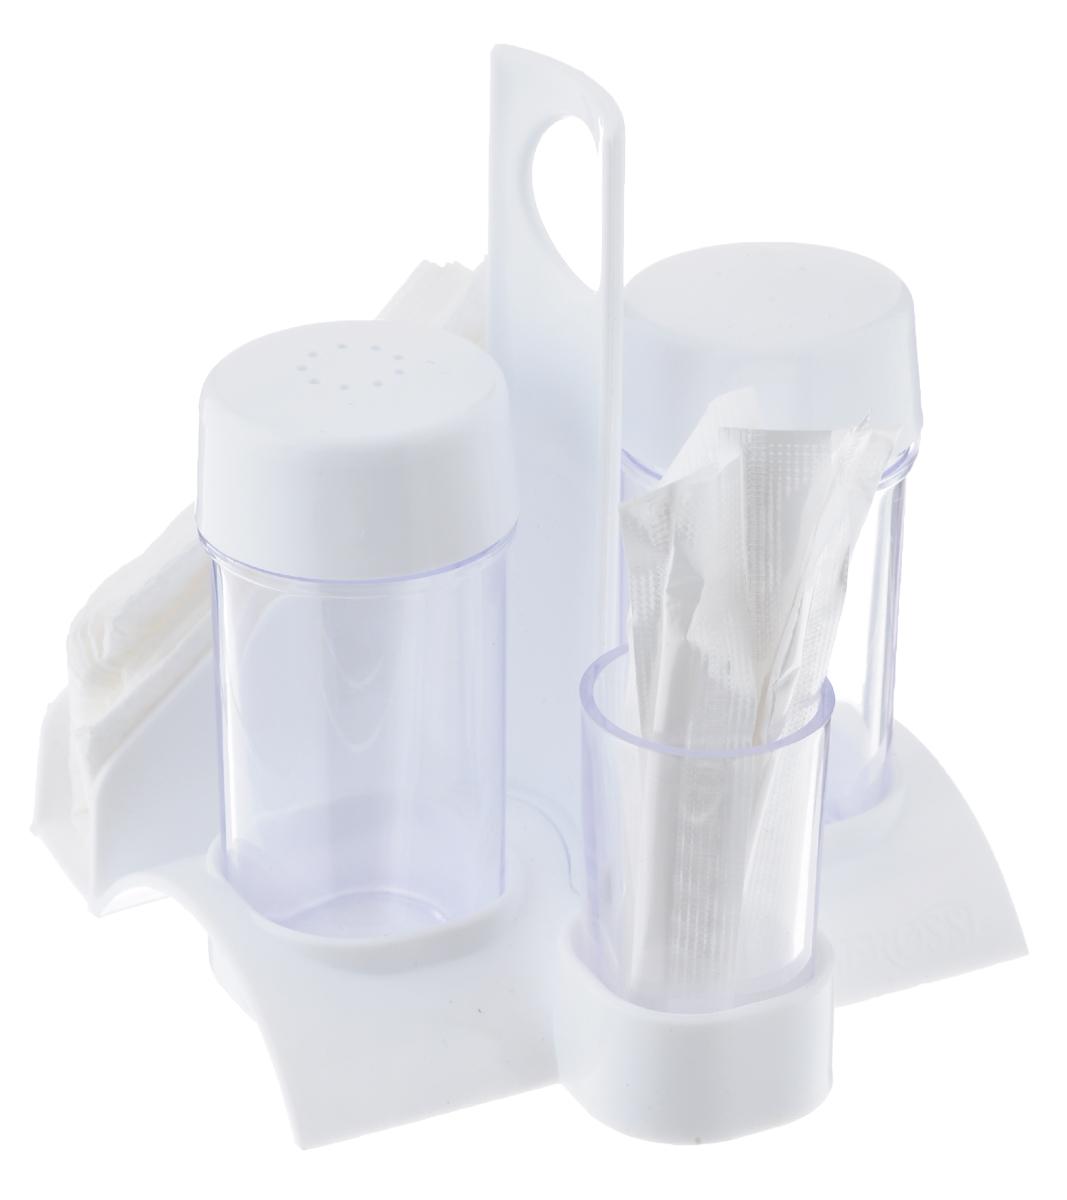 Набор для специй Berossi Рондо презент, цвет: снежно-белый, прозрачный, 6 предметовИК07301000Набор для специй Berossi Рондо презент состоит из солонки, перечницы, подставки, емкости для зубочисток, 7 зубочисток и 3 салфеток. Емкости и подставка выполнены из высококачественного пластика. Подставка имеет удобную ручку. Набор для специй Berossi Рондо презент прекрасно оформит кухонный стол и станет незаменимым аксессуаром на любой кухне. Высота солонки/перечницы (с учетом крышки): 8 см. Высота подставки под зубочистки: 5 см. Размер подставки: 10,5 см х 10,5 см х 12 см. Длина зубочистки: 6,5 см. Размер салфетки: 24 см х 23,5 см.